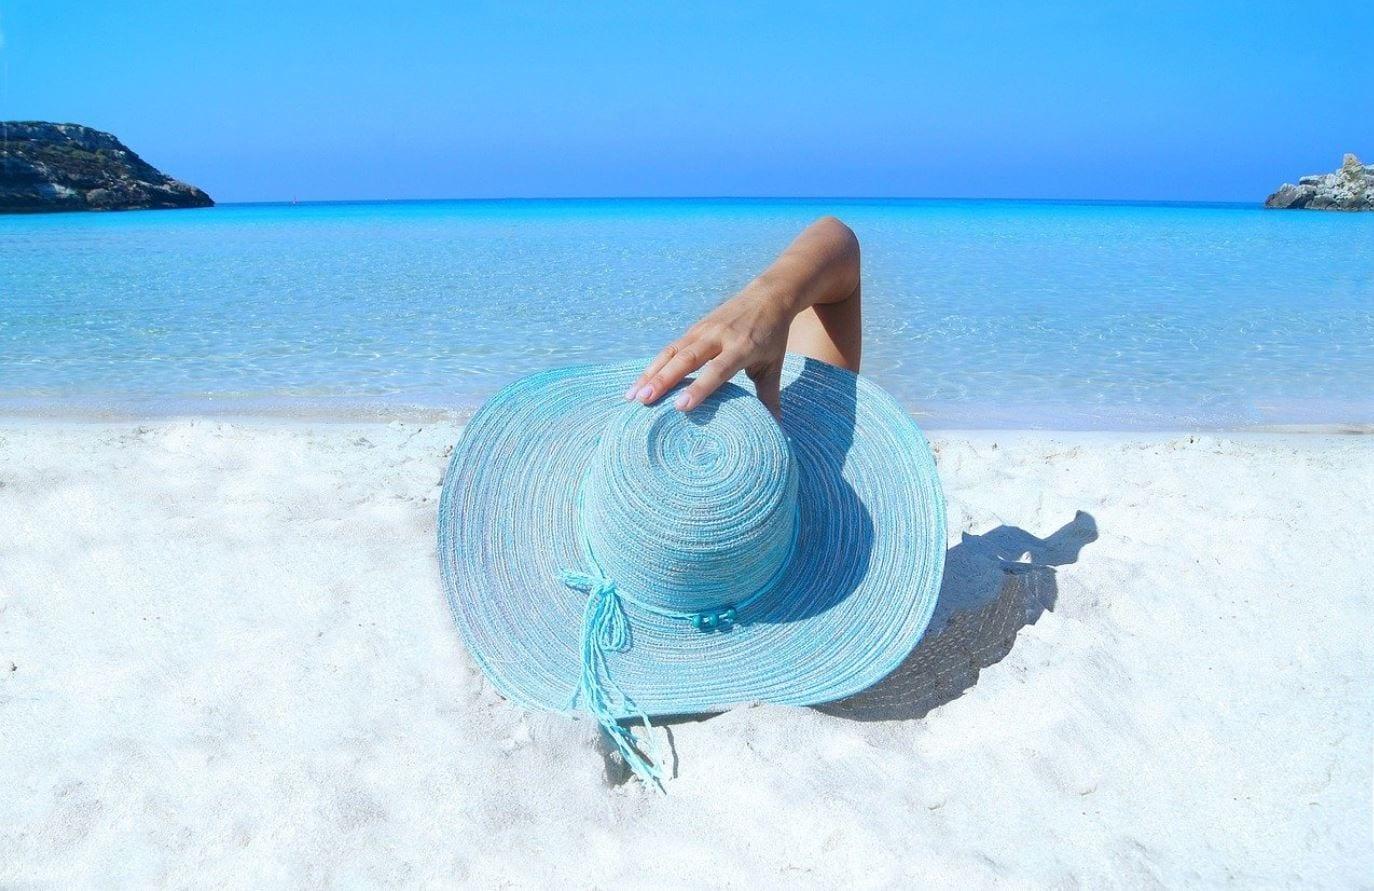 איזה קרם הגנה מהשמש הכי יעיל והכי זול? פואנטה עם טיפ חסכוני